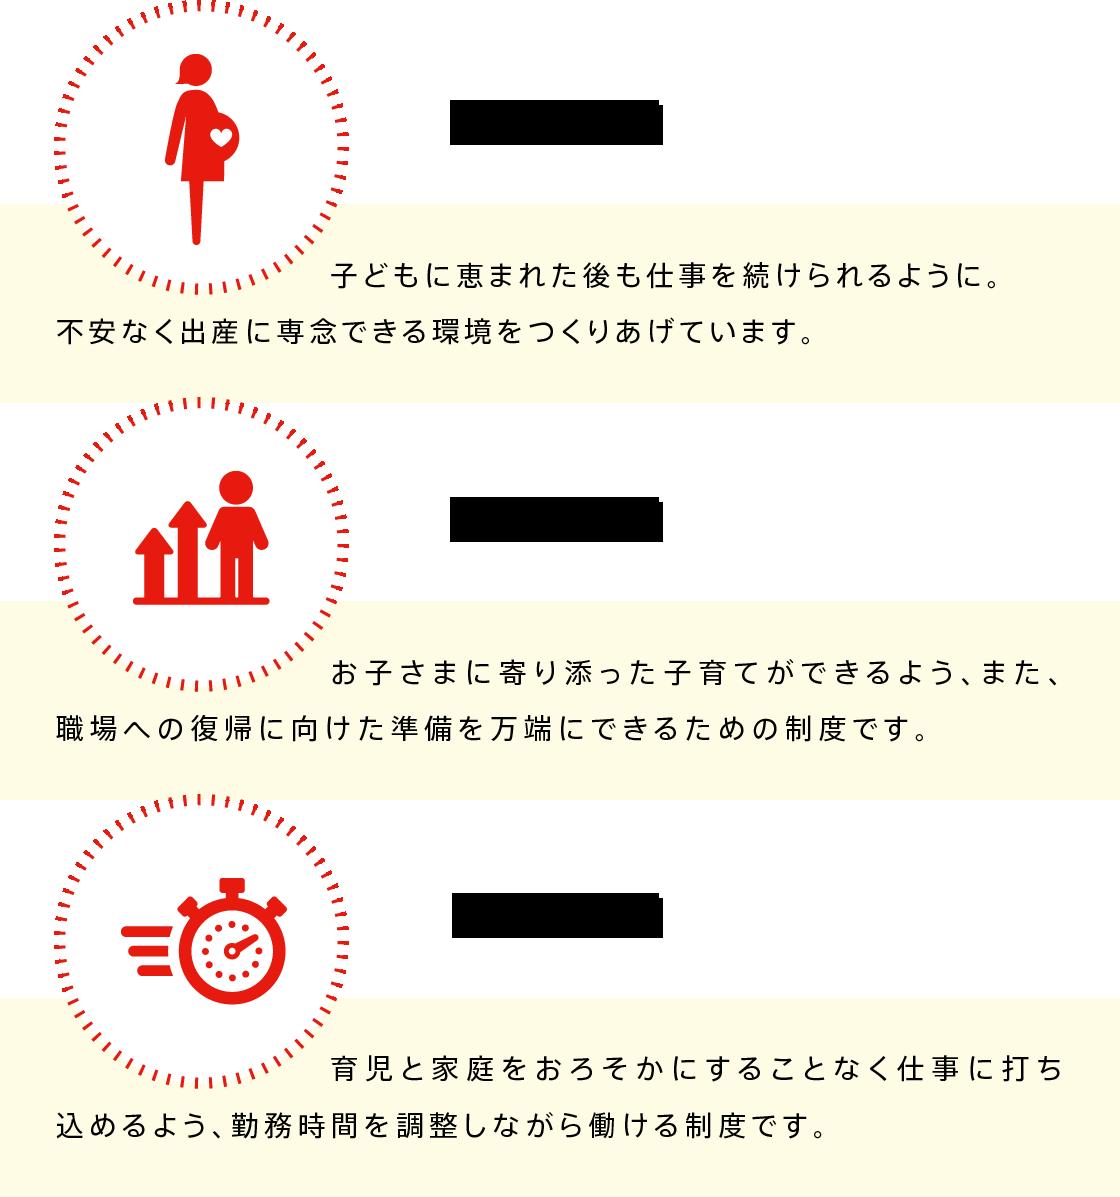 女性が安心して働ける制度